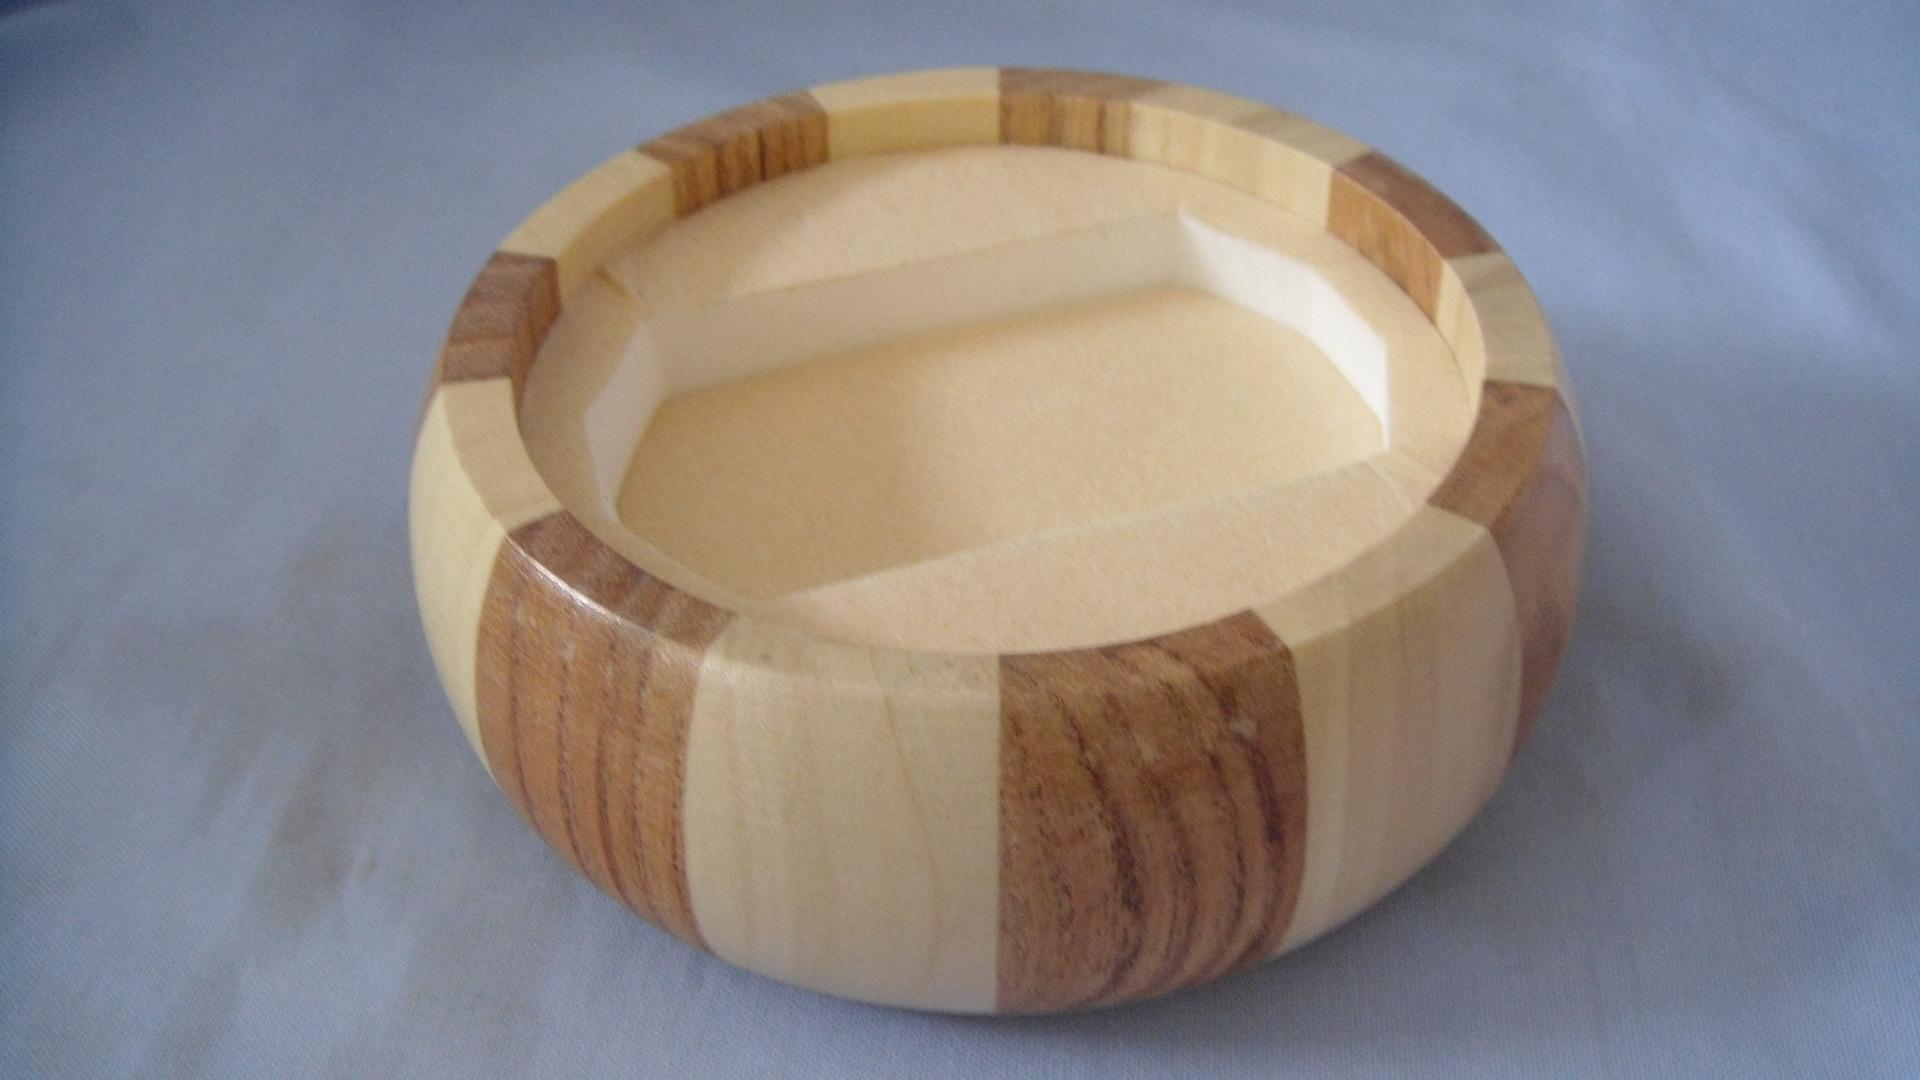 批发采购肥皂盒-供应实木 海绵香皂盒 木盒 收